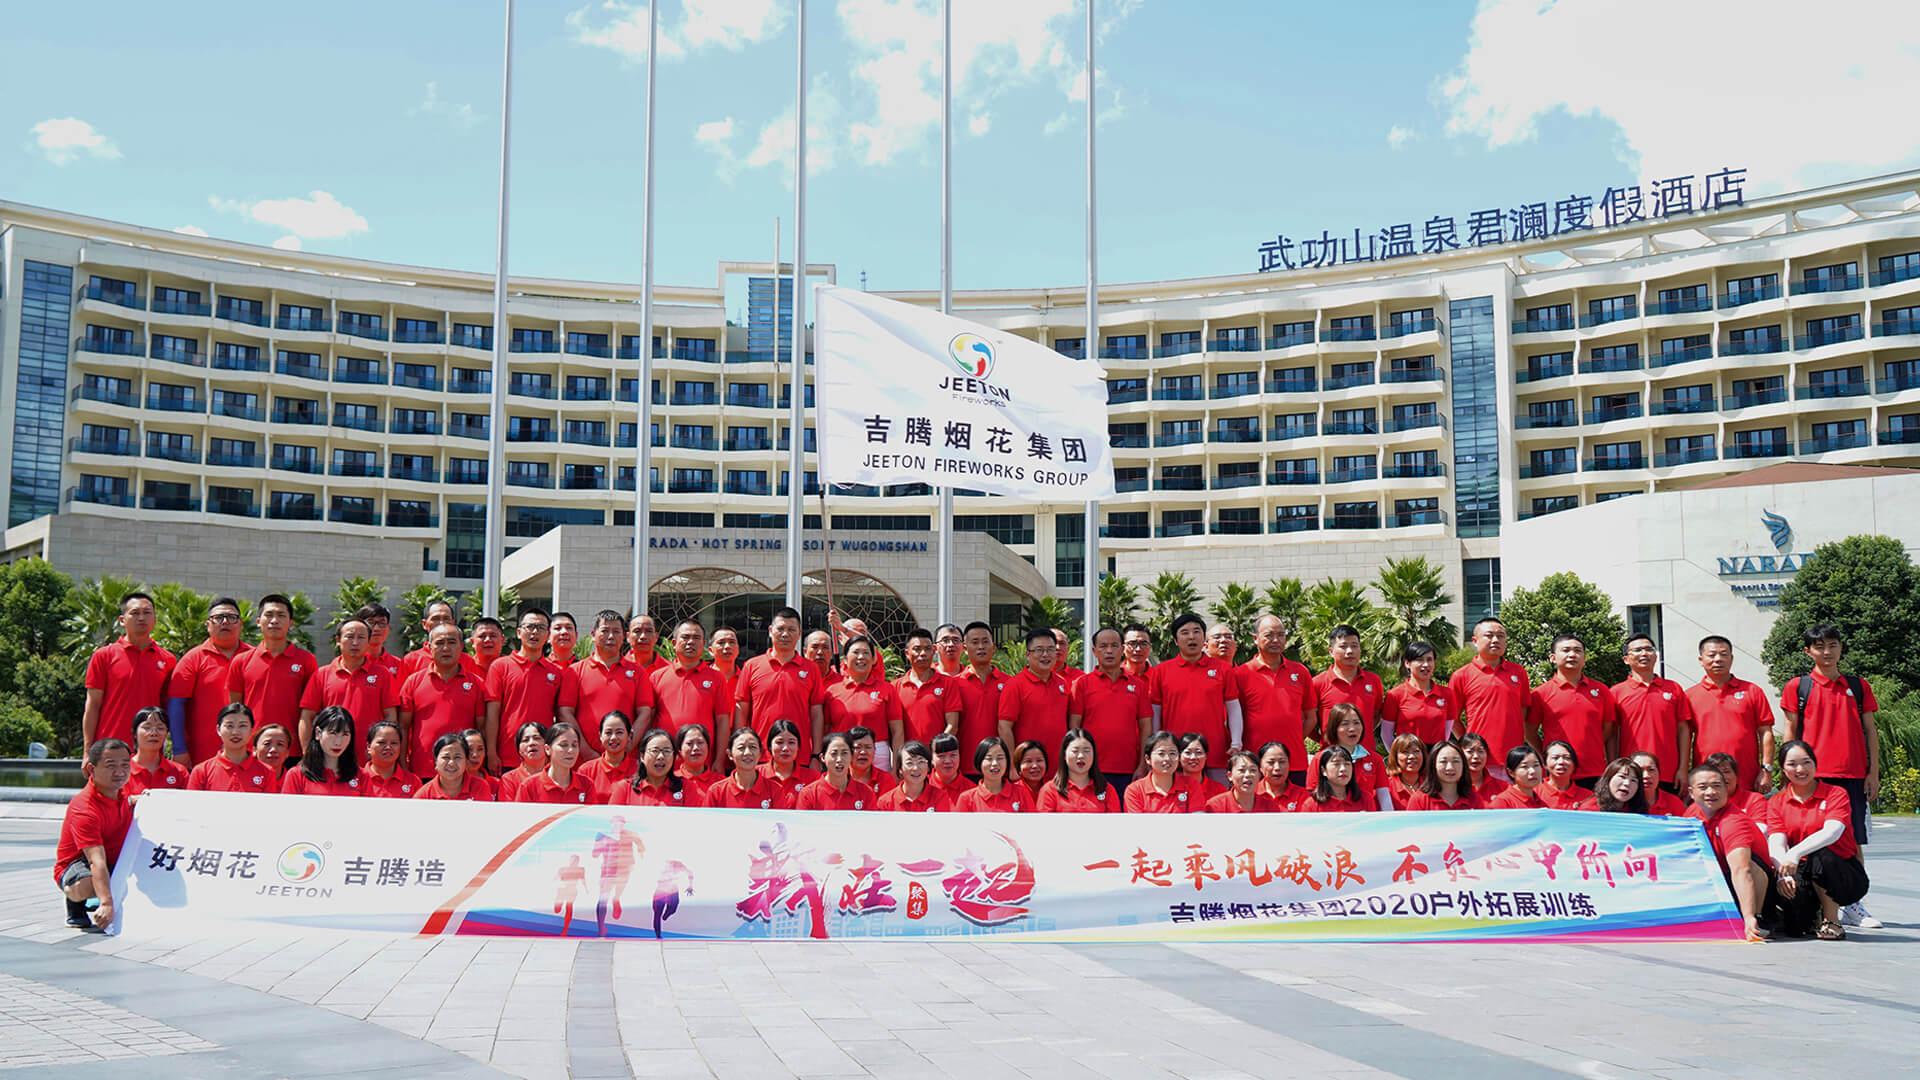 Liuyang Jeeton Fireworks Group Co., Ltd.